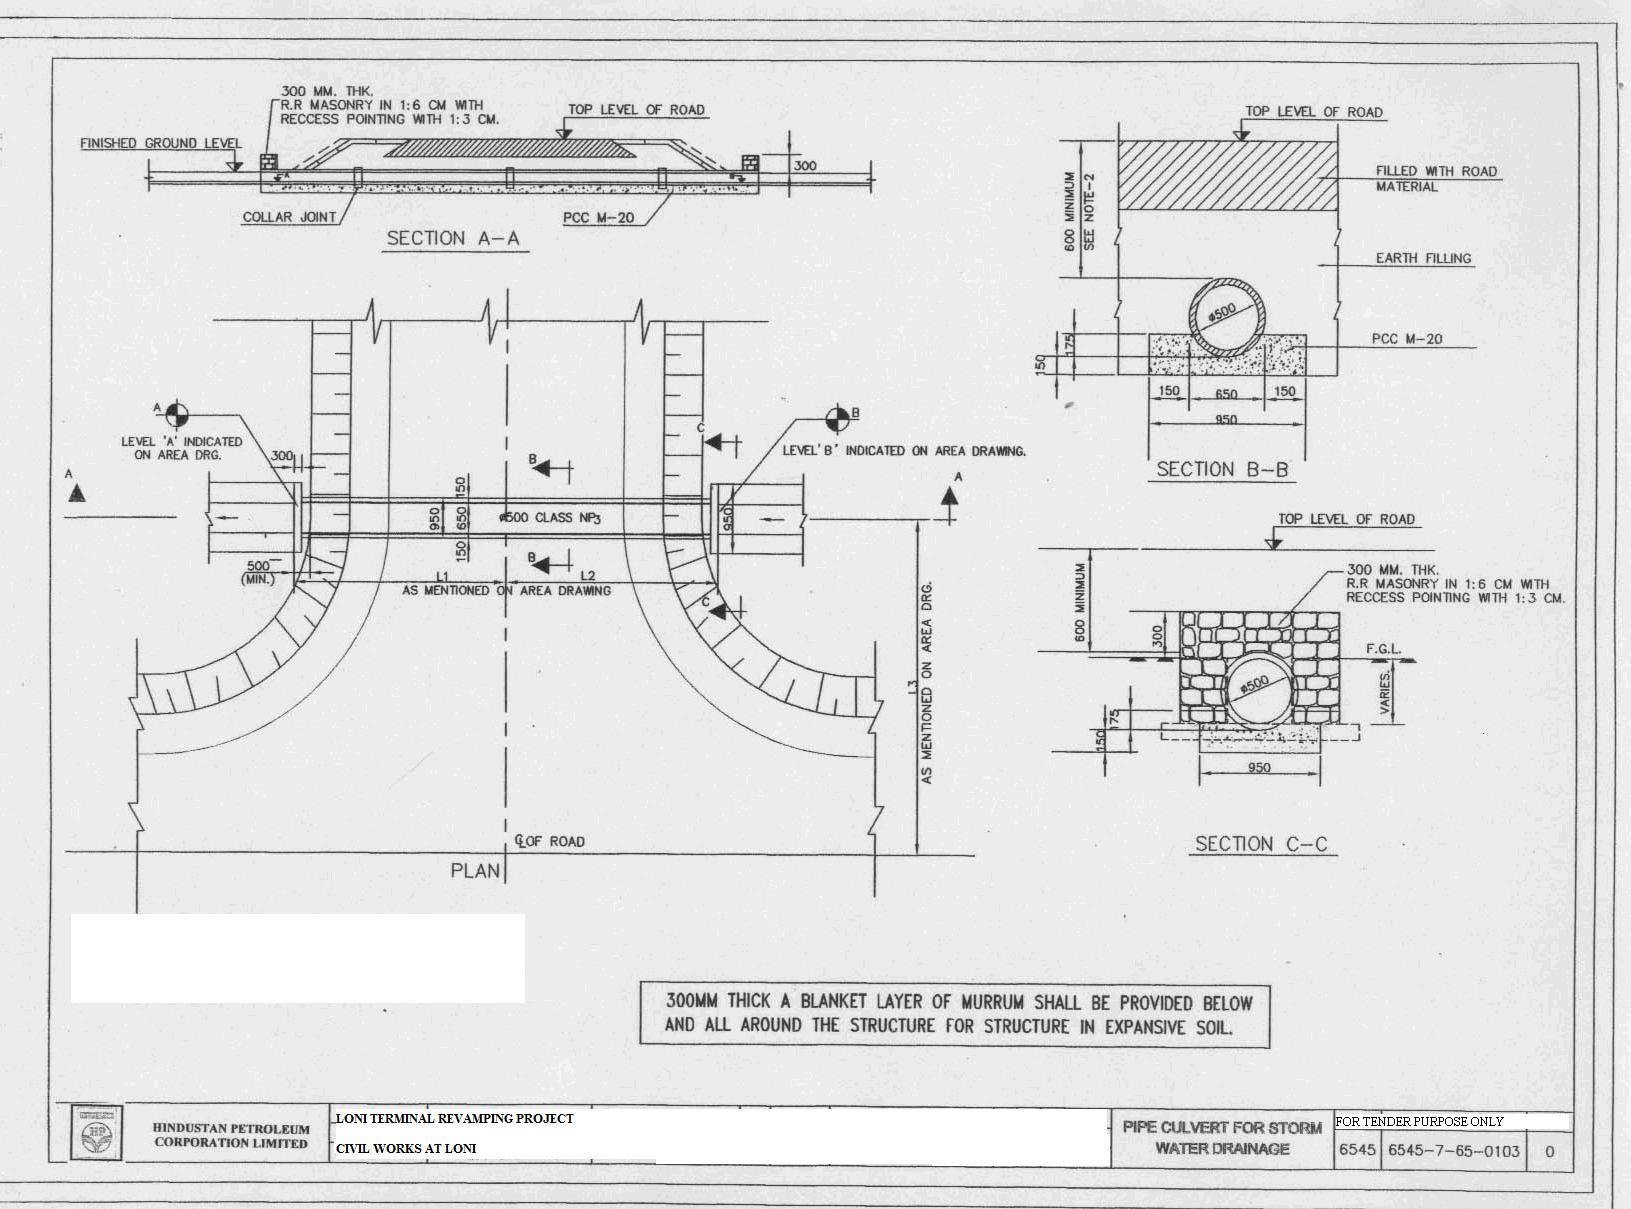 Simple Slab Culvert Design Drawings : culvert details http://tenders.hpcl.co.in/tenders/tender_prog/Tenders ...